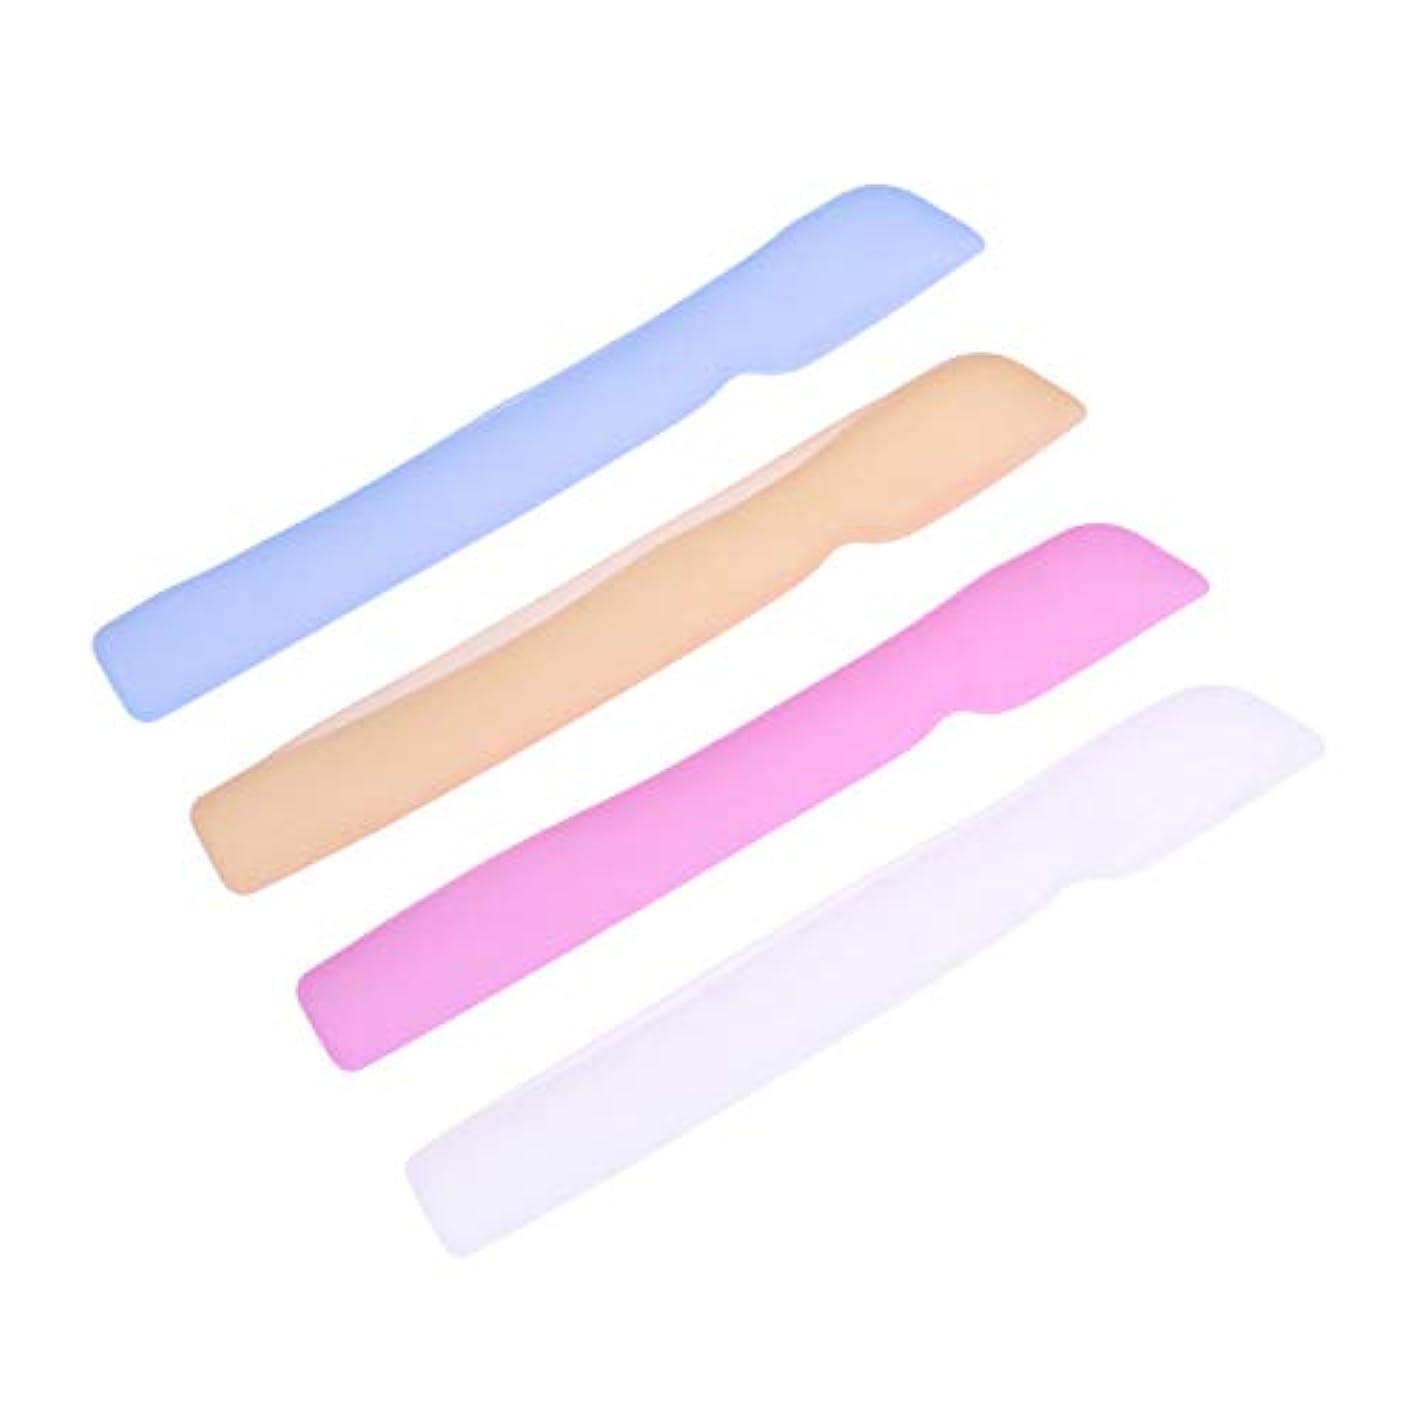 ピア妻モンスターHEALLILYシリコン歯ブラシケースカバー歯ブラシ用保護カバー保護ケース用4本(ブルー+ピンク+ライトイエロー+ホワイト)